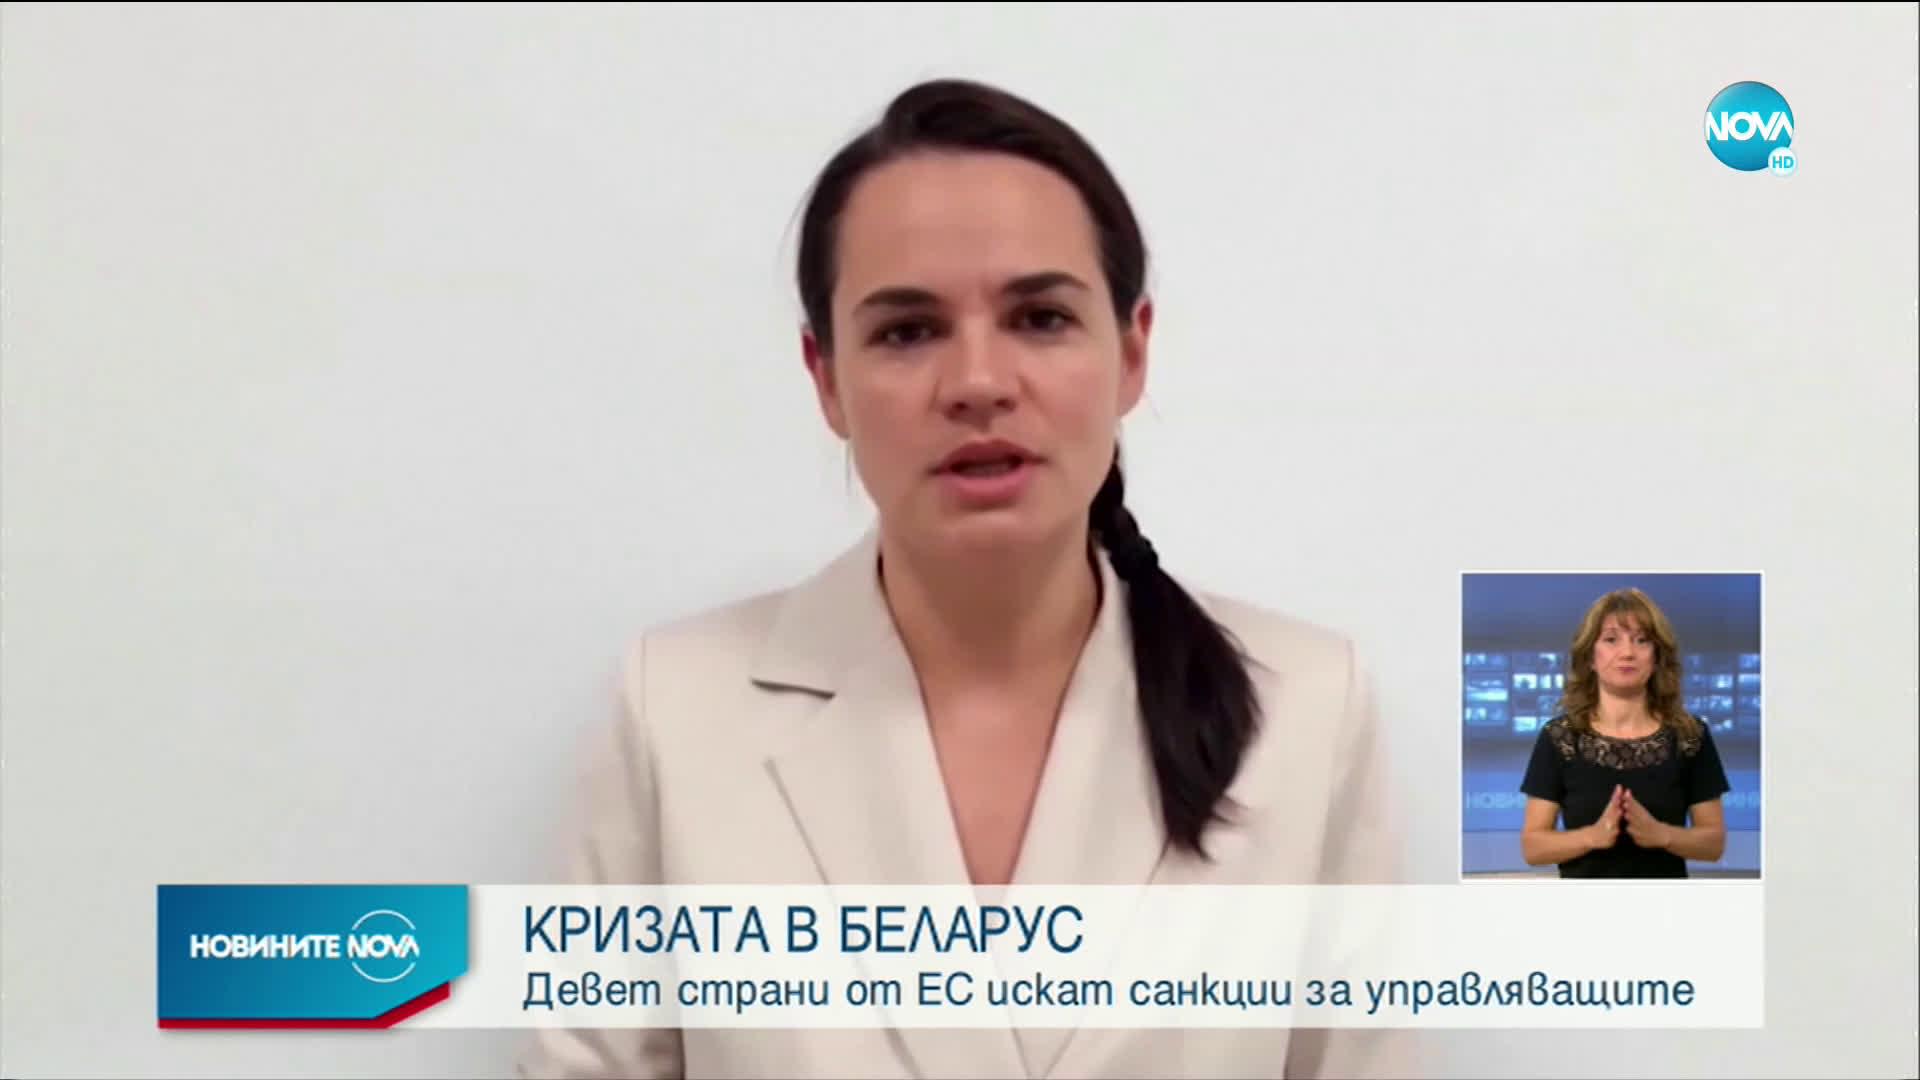 Девет страни от ЕС искат санкции за управляващите в Беларус